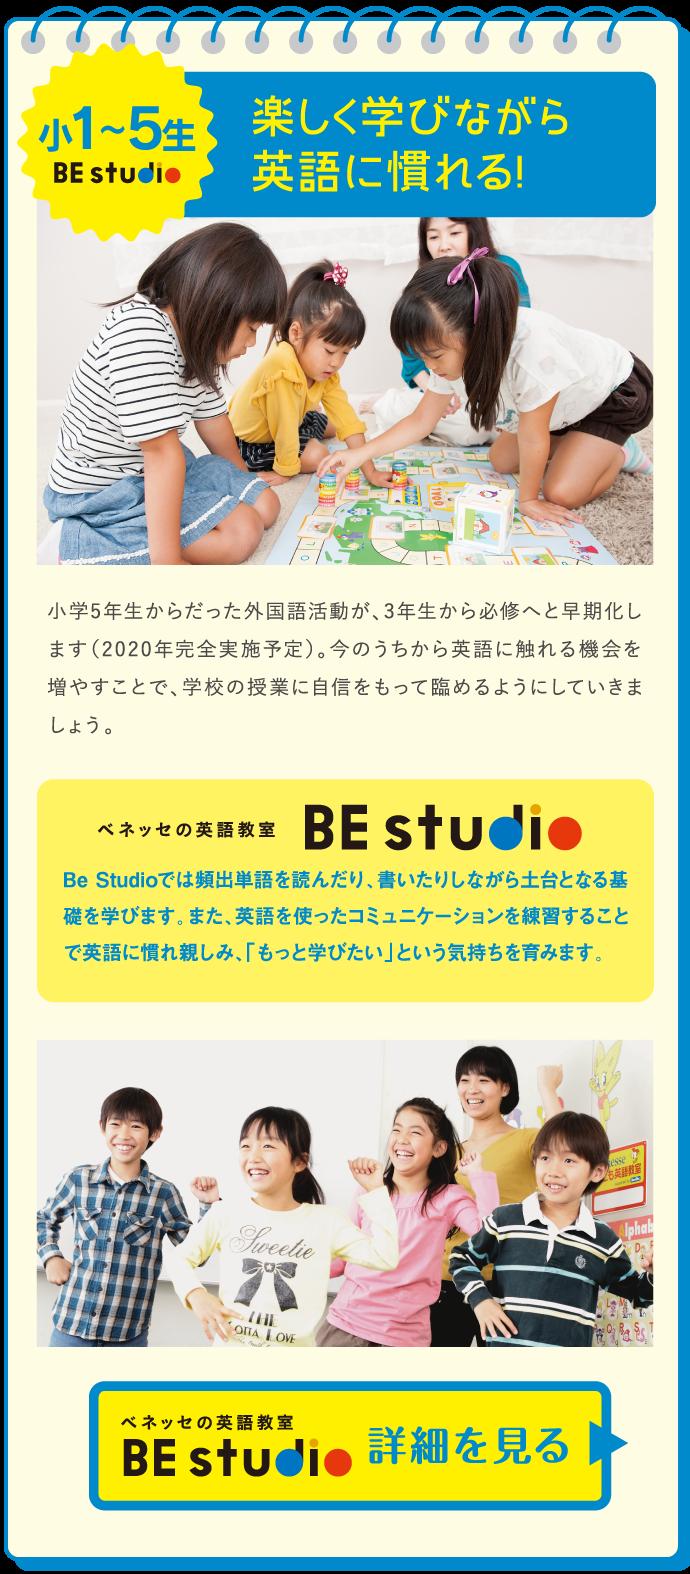 東日本学院は、迫る英語教育の変化に完全対応